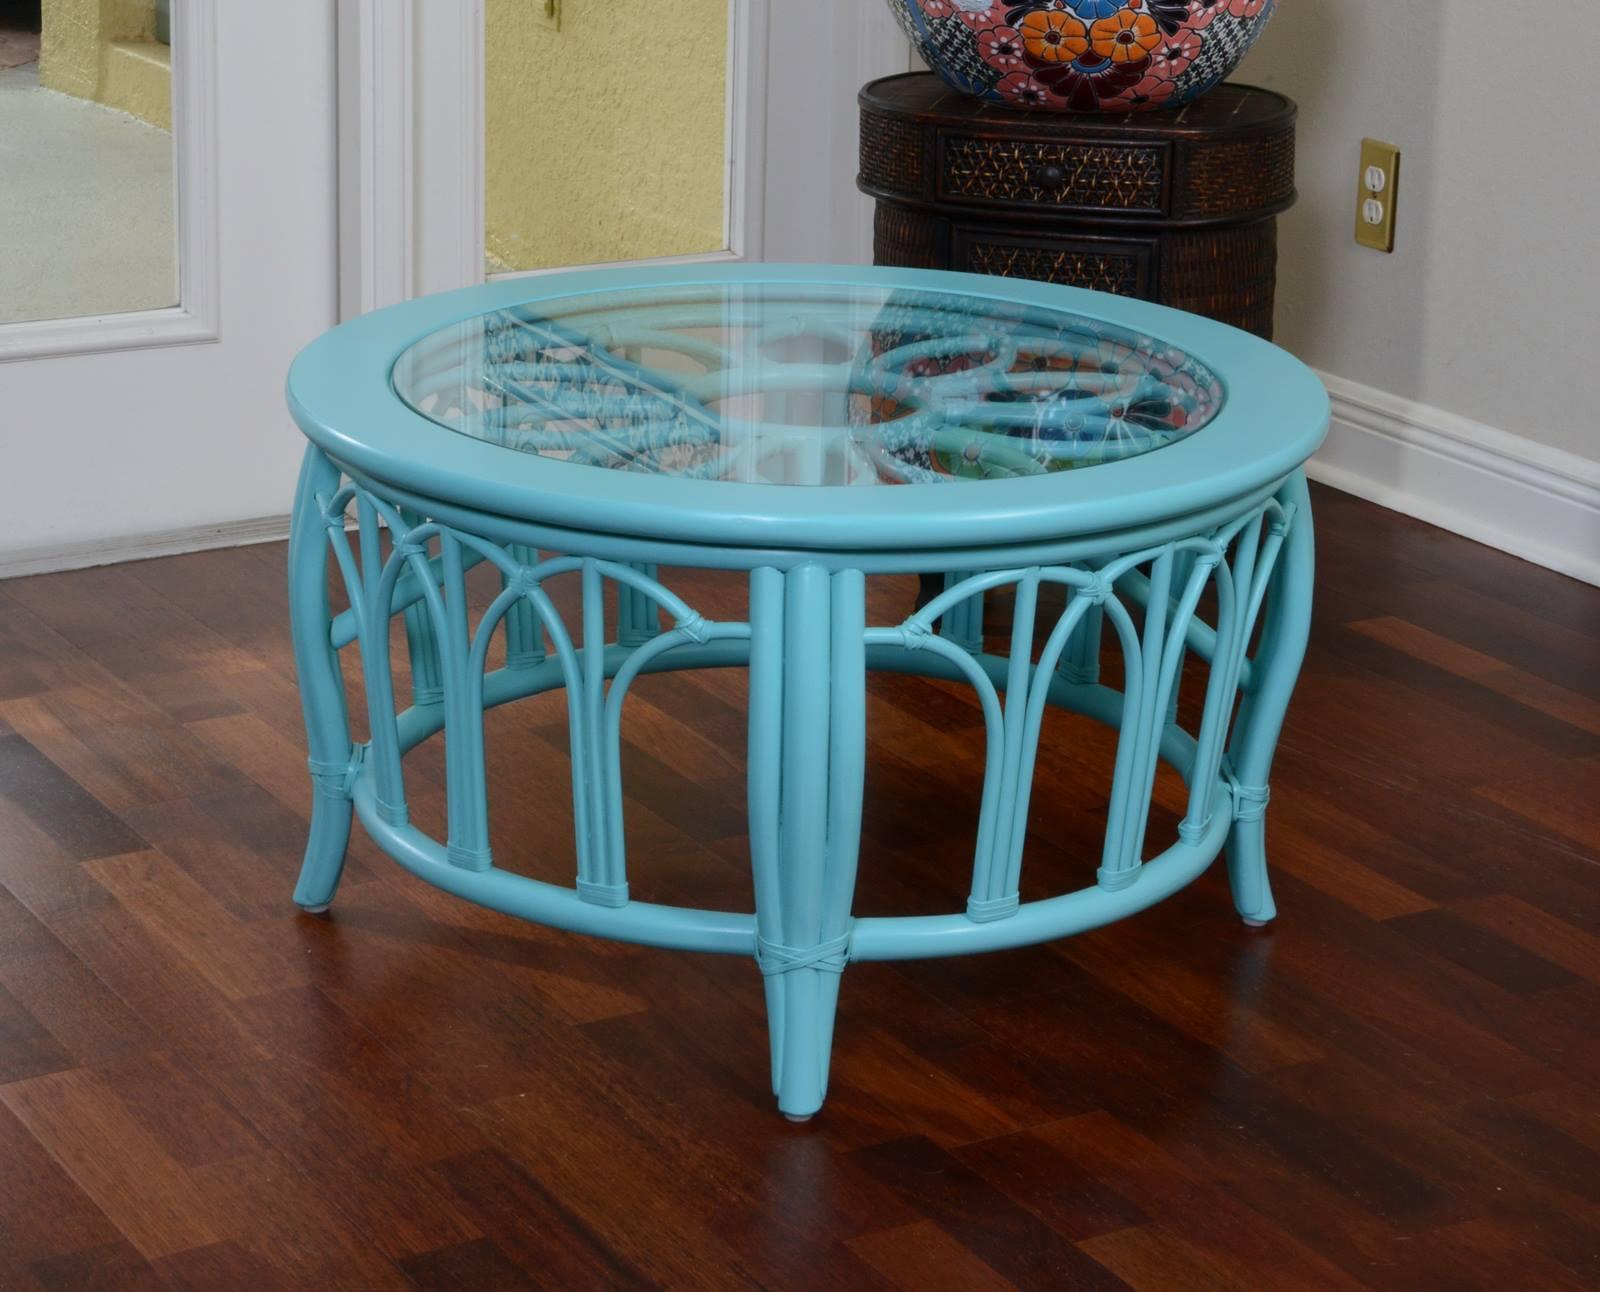 Cuba Accent Tables Aqua Set Of 2 With Glass Alexander